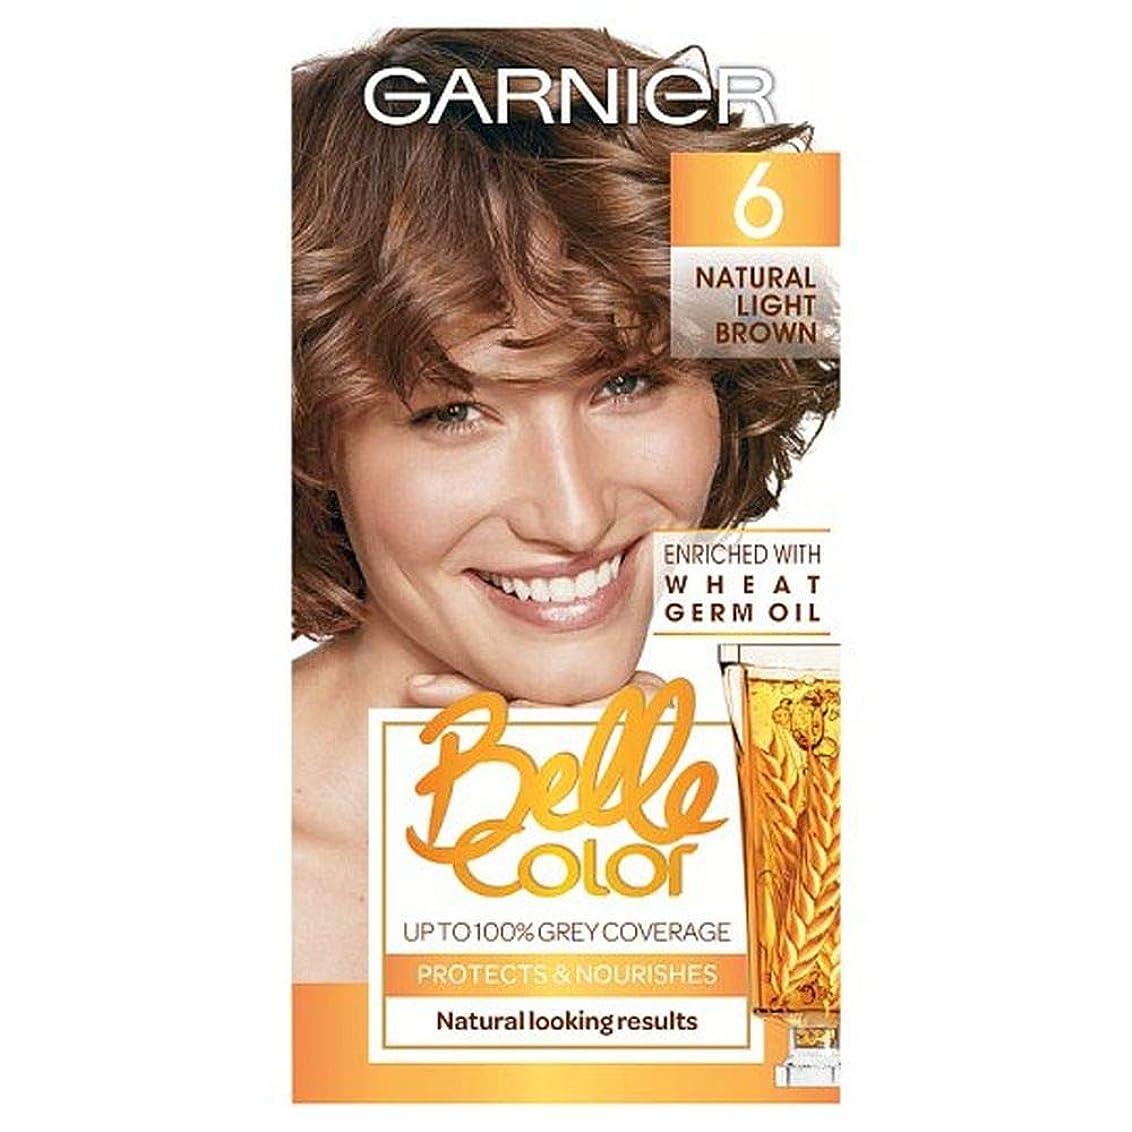 店主改善するトレイル[Belle Color ] ガーン/ベル/Clr 6ナチュラルライトブラウンパーマネントヘアダイ - Garn/Bel/Clr 6 Natural Light Brown Permanent Hair Dye [並行輸入品]